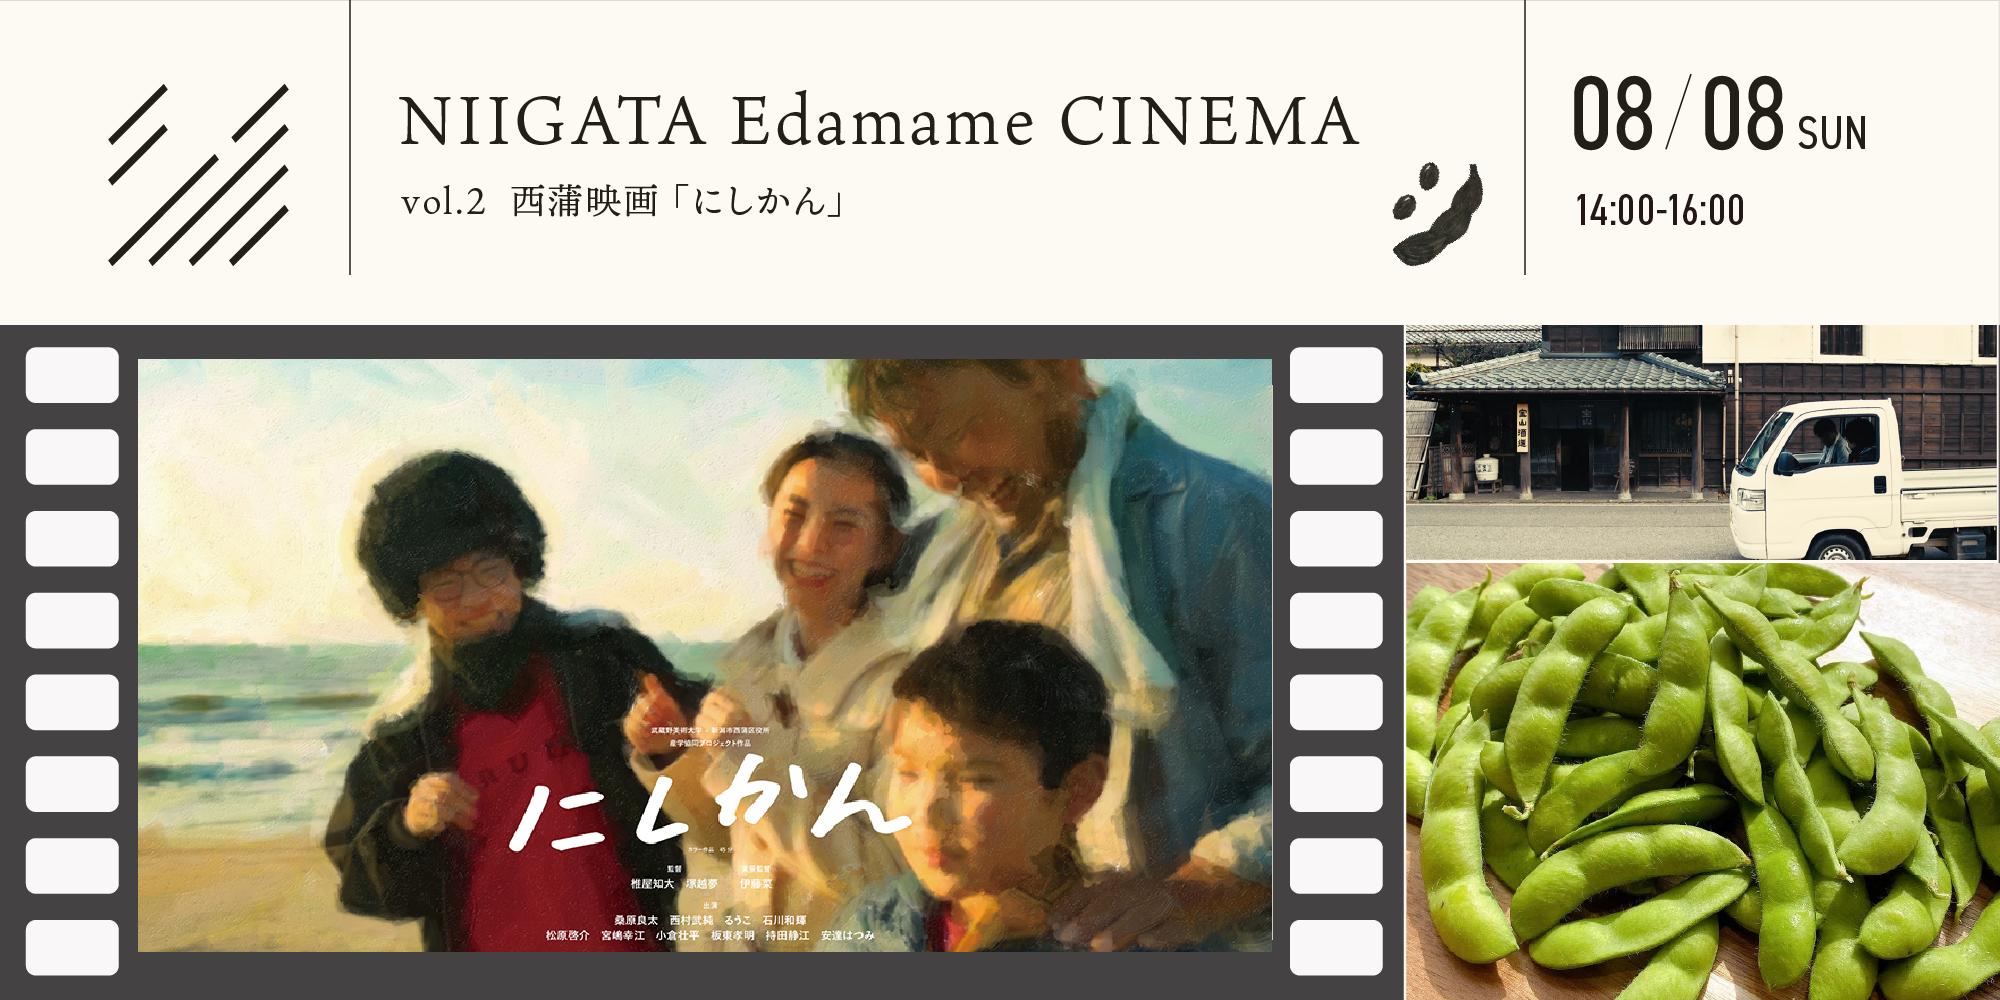 NIIGATA Edamame CINEMA vol.2 ‐西蒲映画「にしかん」‐